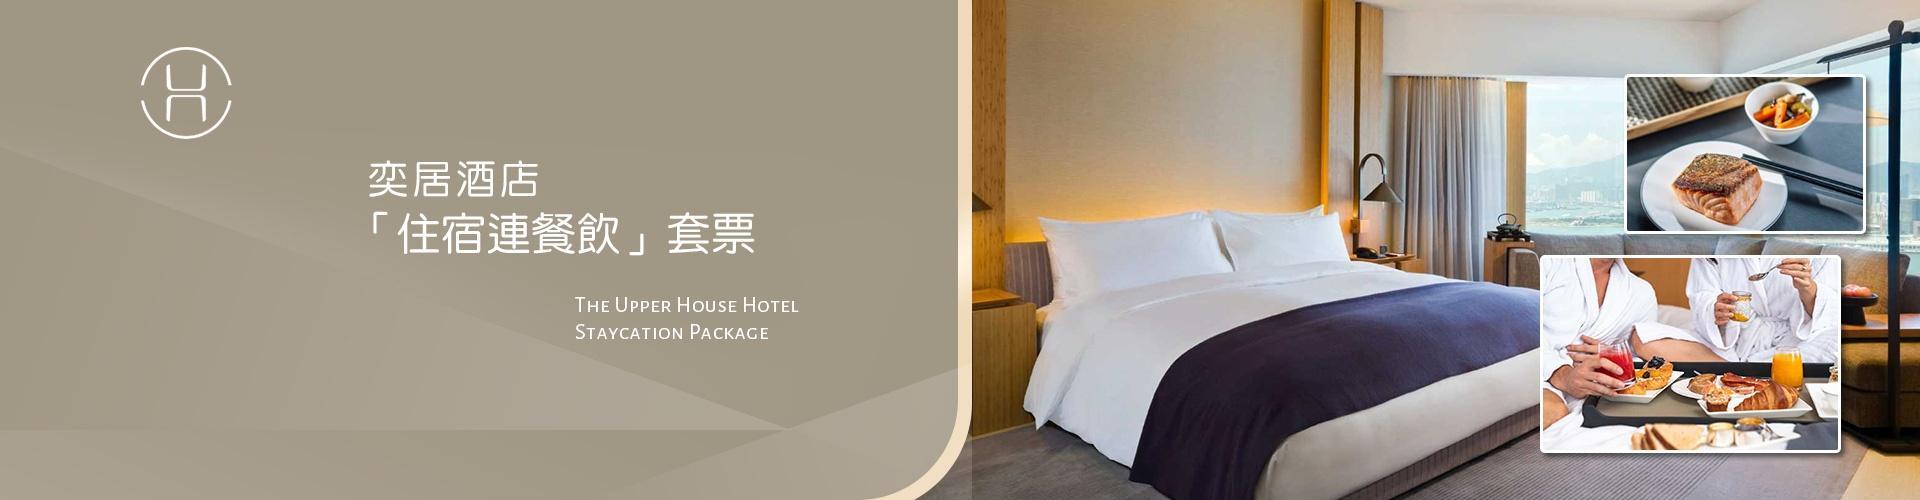 【香港酒店優惠2021】奕居酒店「住宿連餐飲」套票